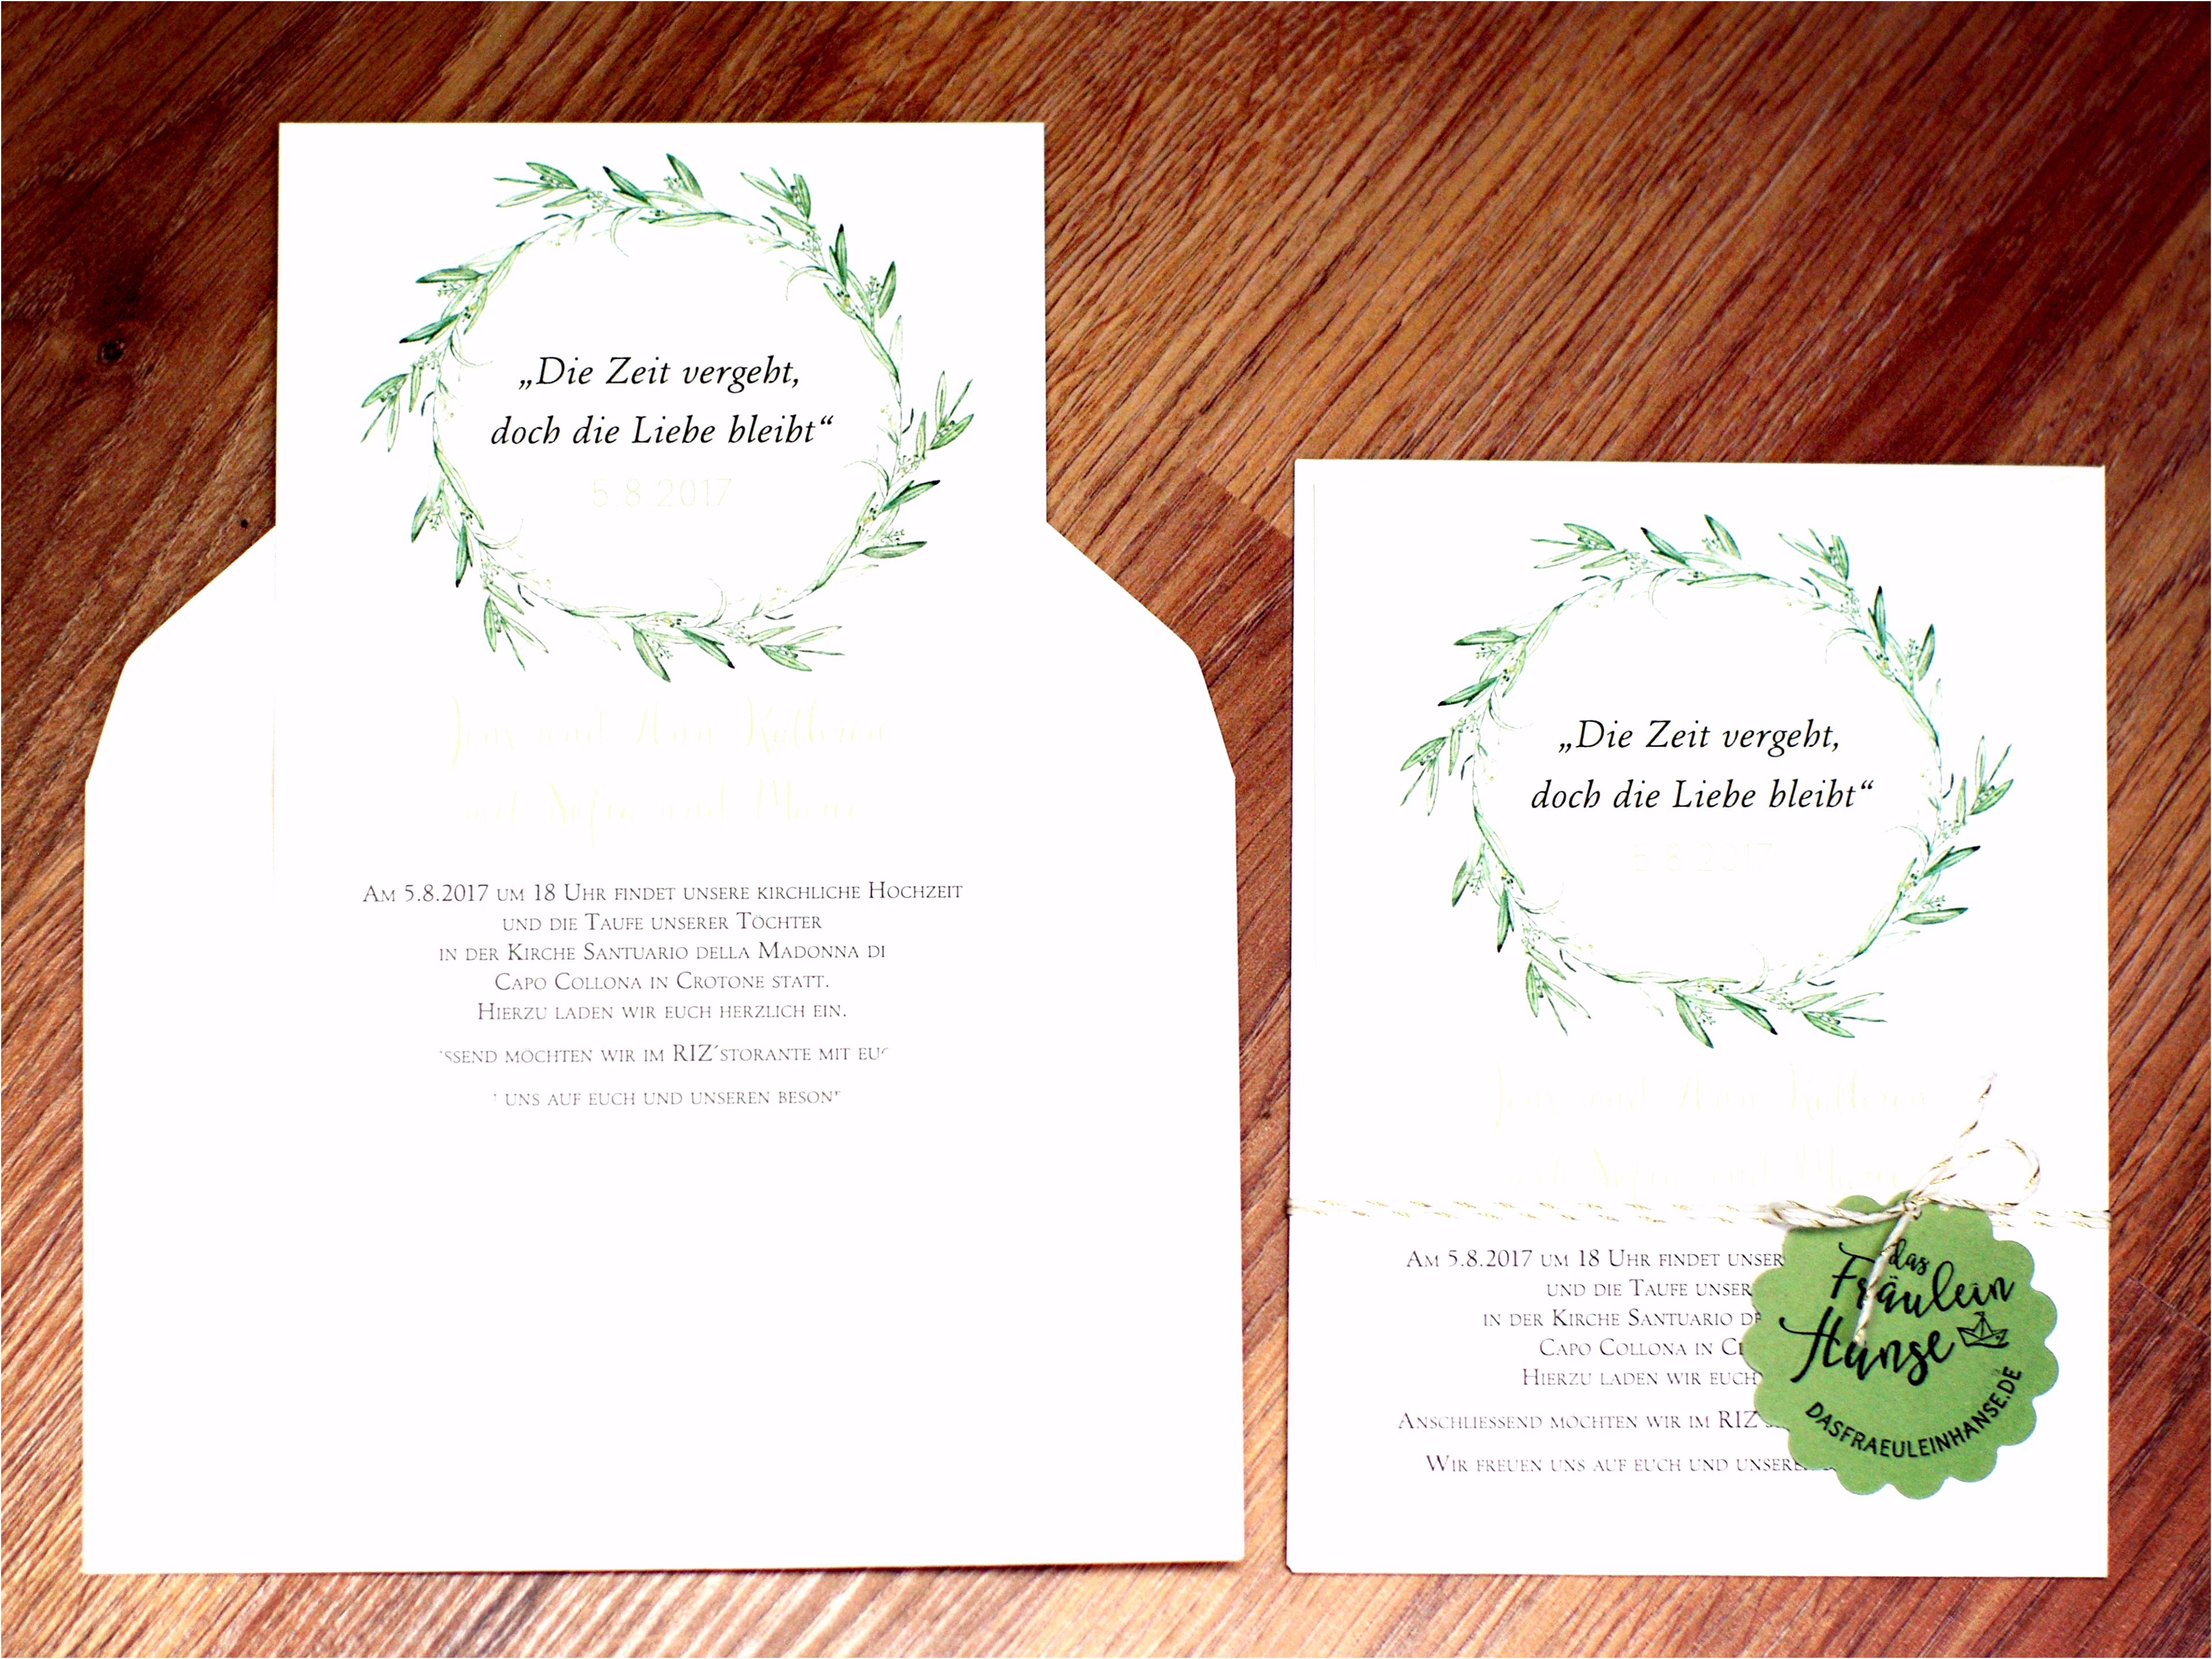 Hochzeit Einladungskarten Vorlagen Hochzeit Einladung Text Schön Vorlage Einladungskarte Einladung W3bn77nuo8 Nvudhunufh